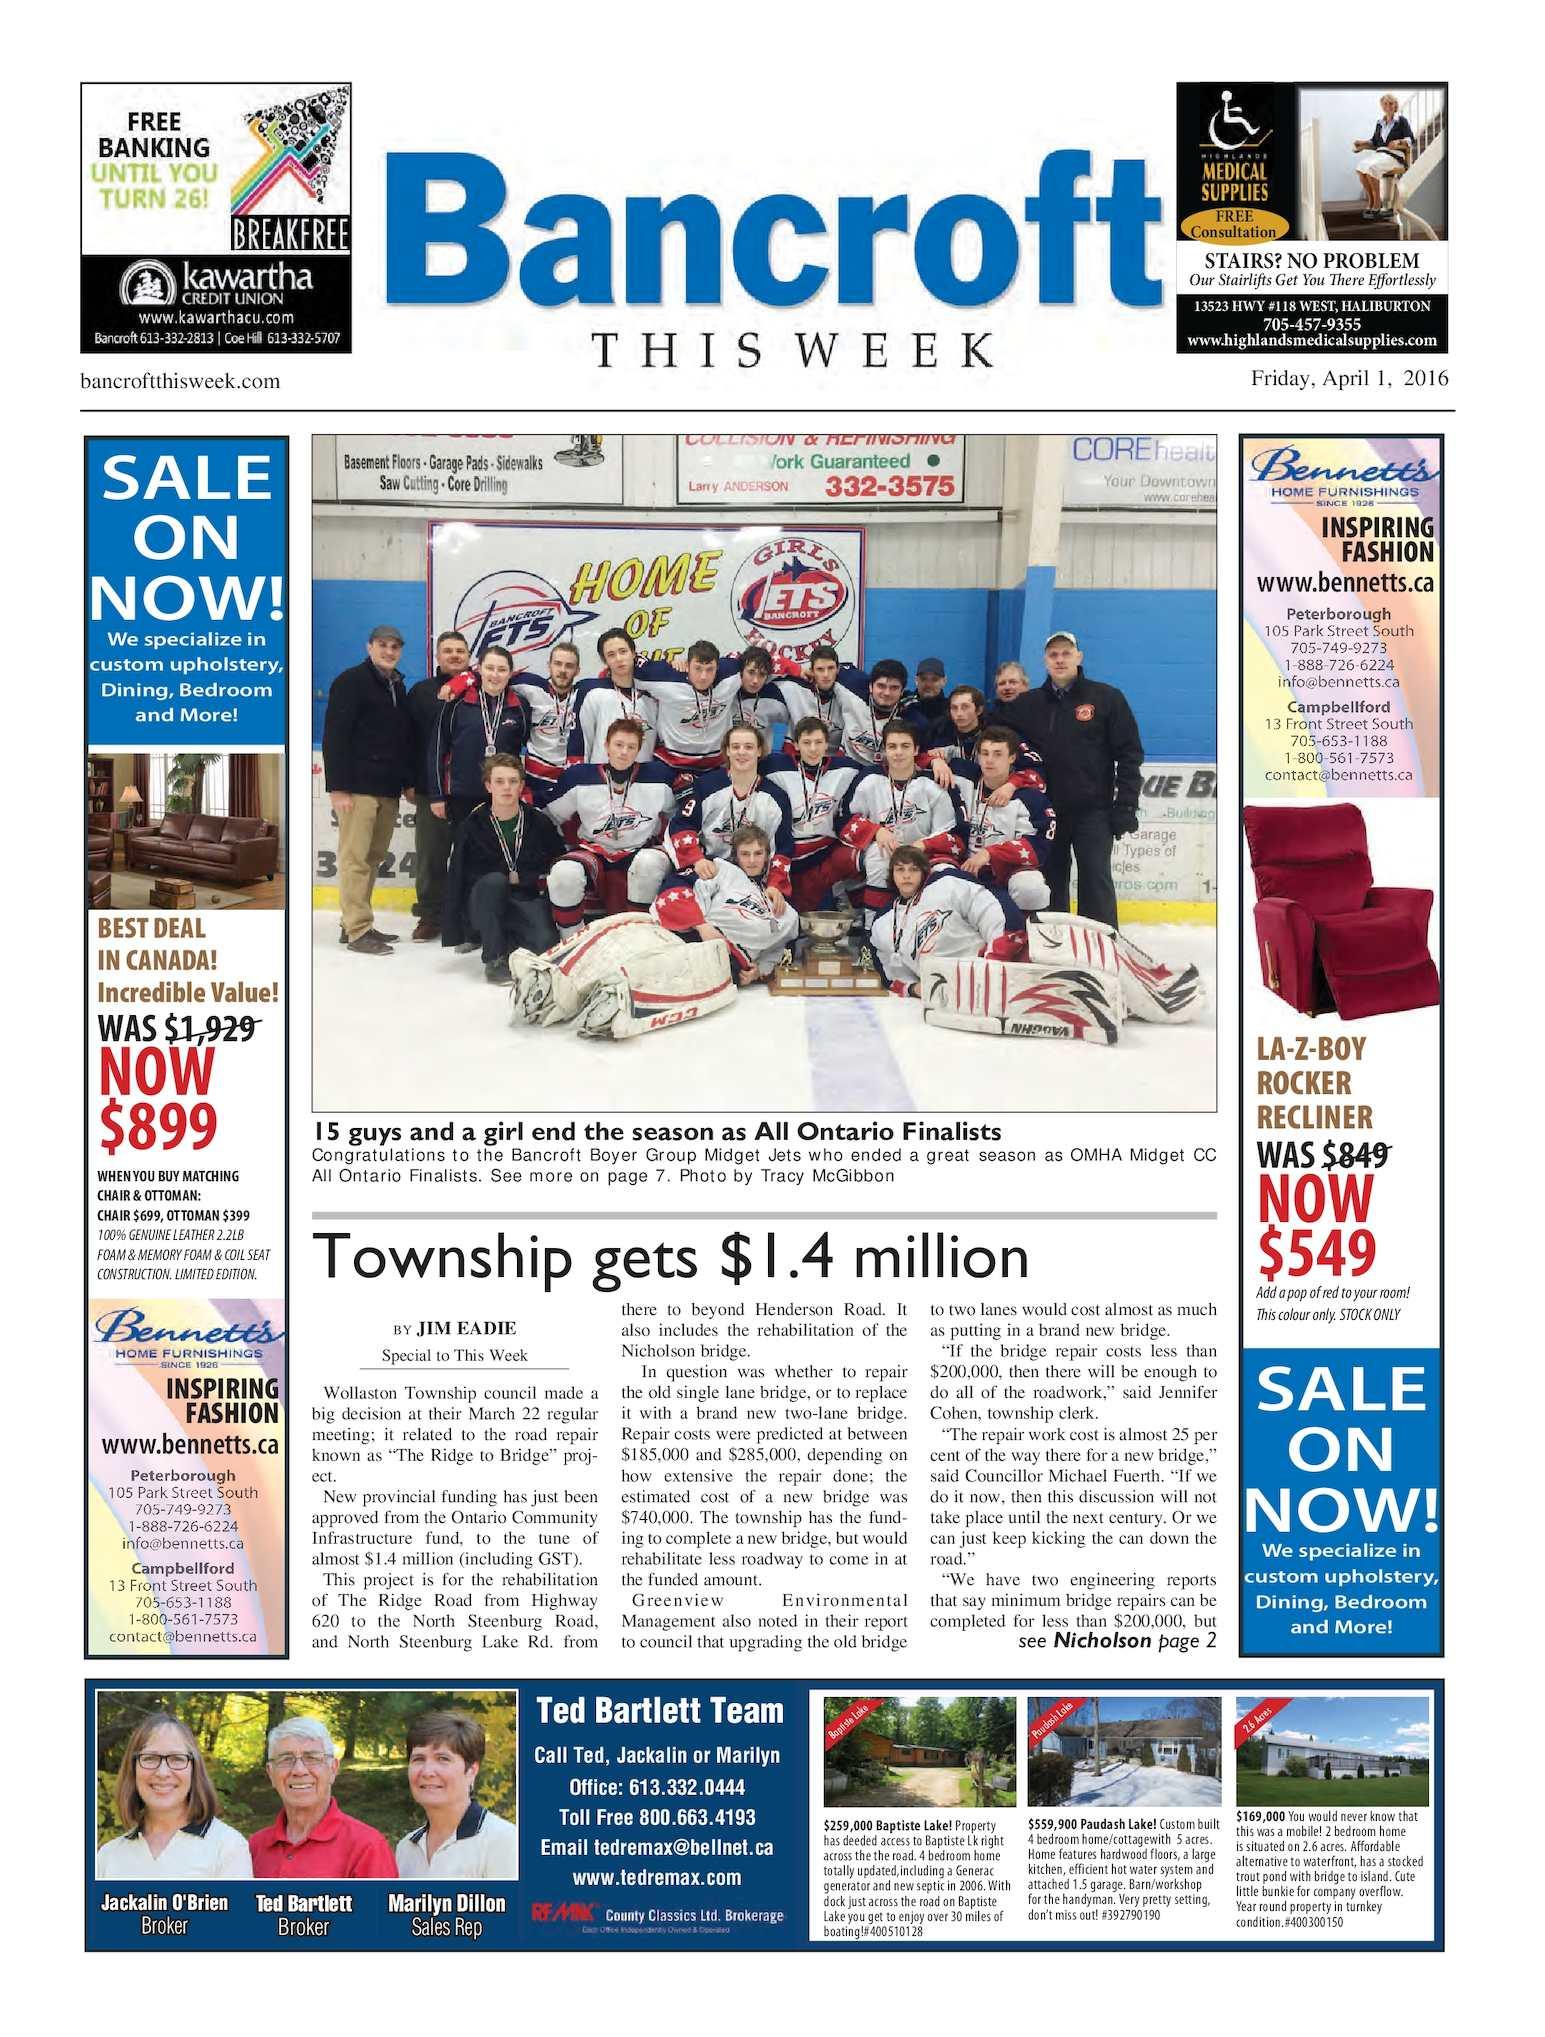 Calaméo - Bancroft This Week April 1, 2016